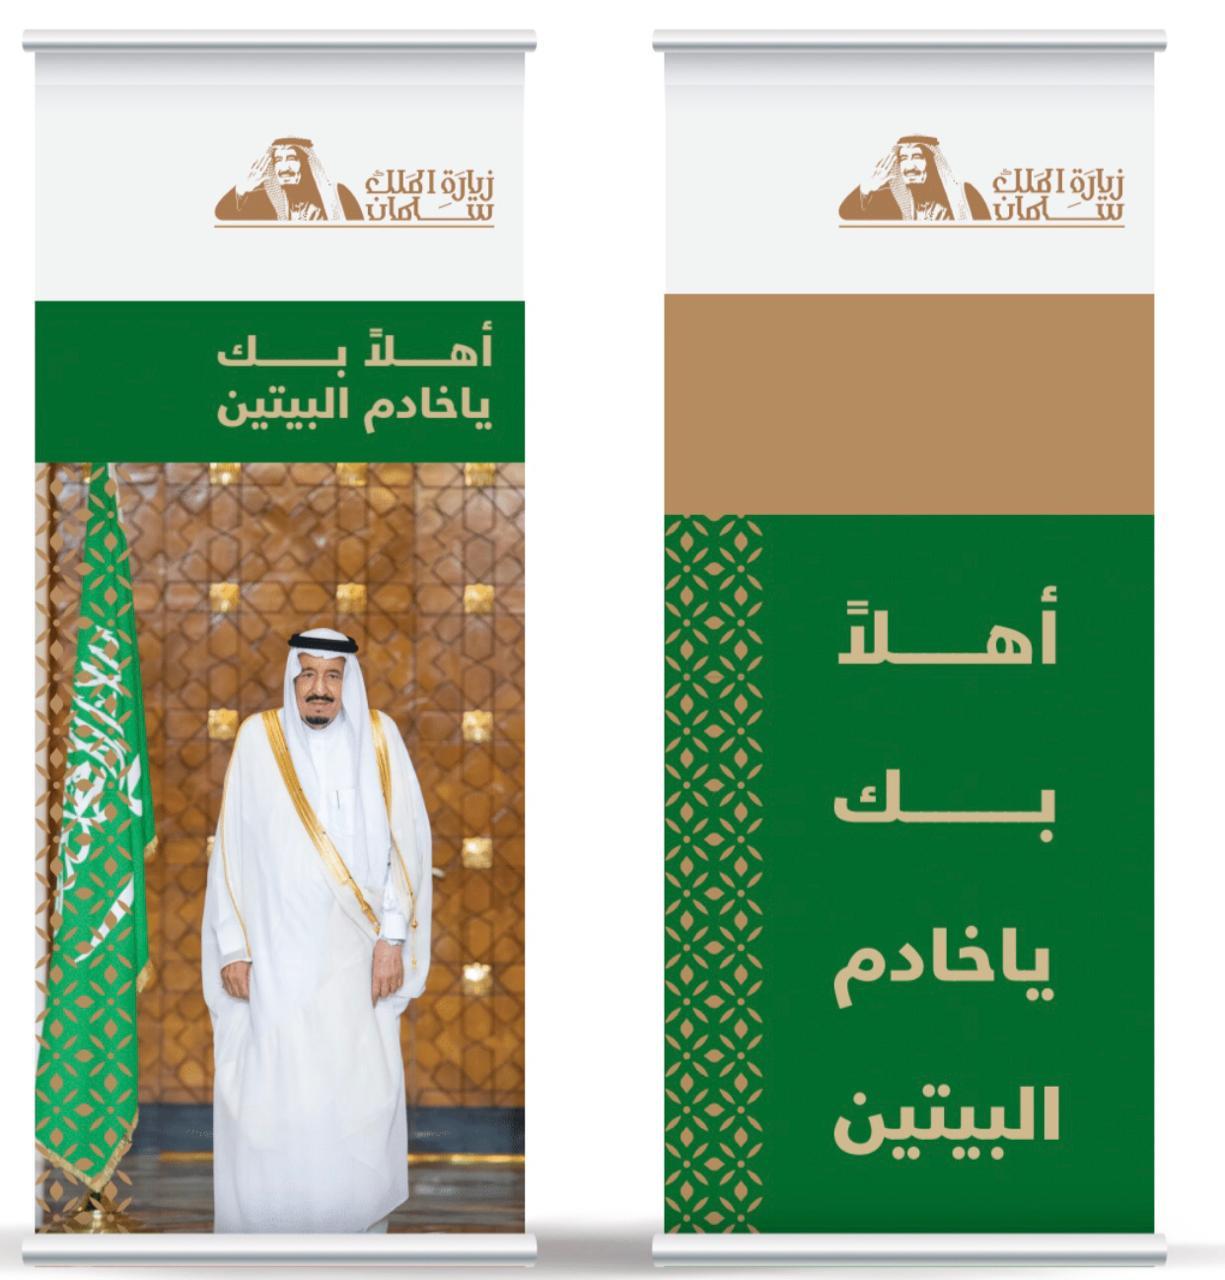 جمعية تحفيظ القرآن الكريم ترحب بزيارة خادم البيتين الملك سلمان بن عبدالعزيز حفظه الله